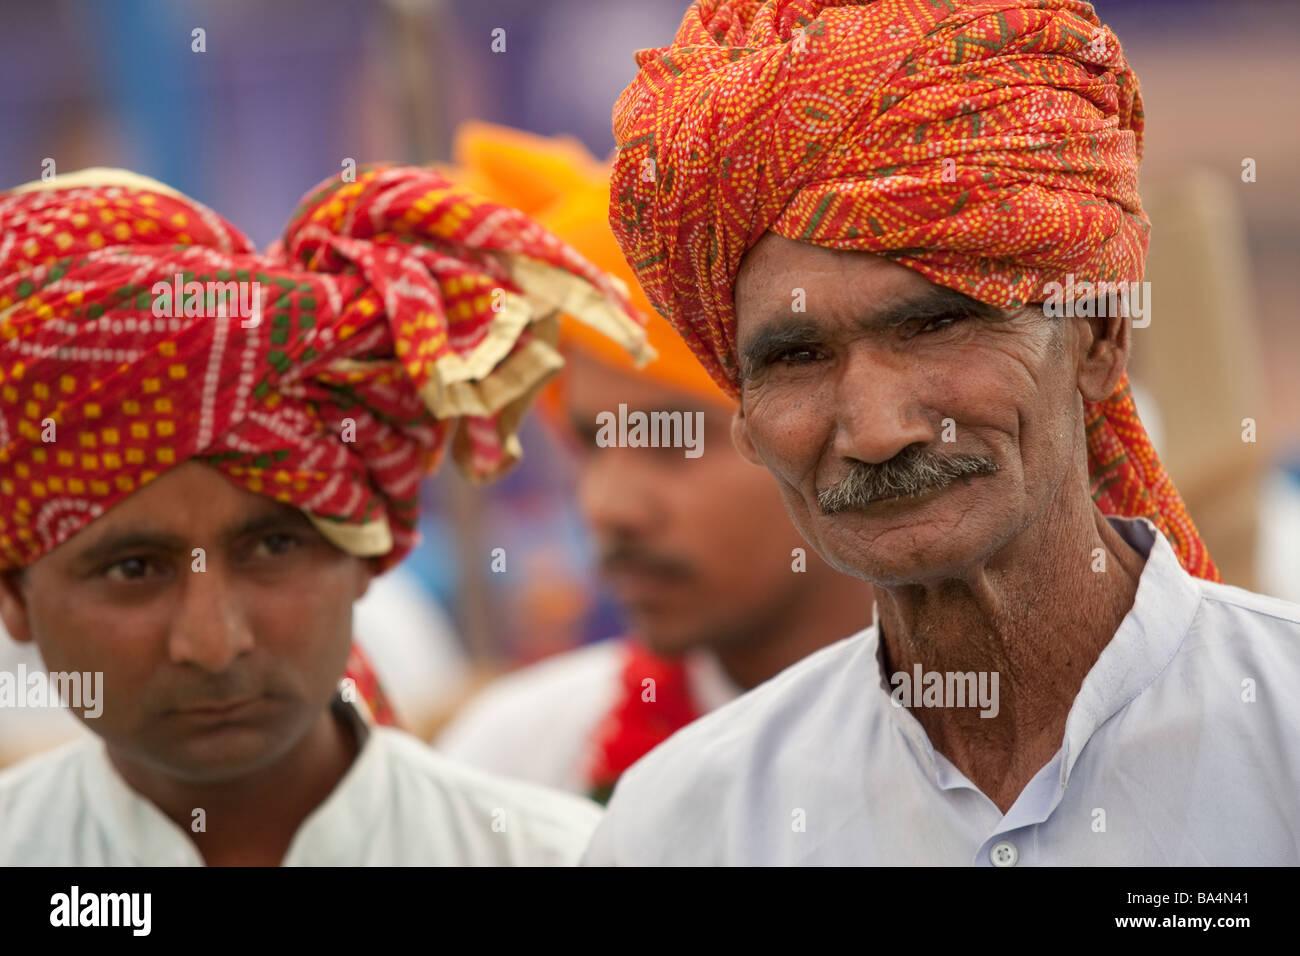 Rajasthani Turbaned musicisti preparazione del gioco in un rally in Palwal Haryana India durante la preparazione Immagini Stock